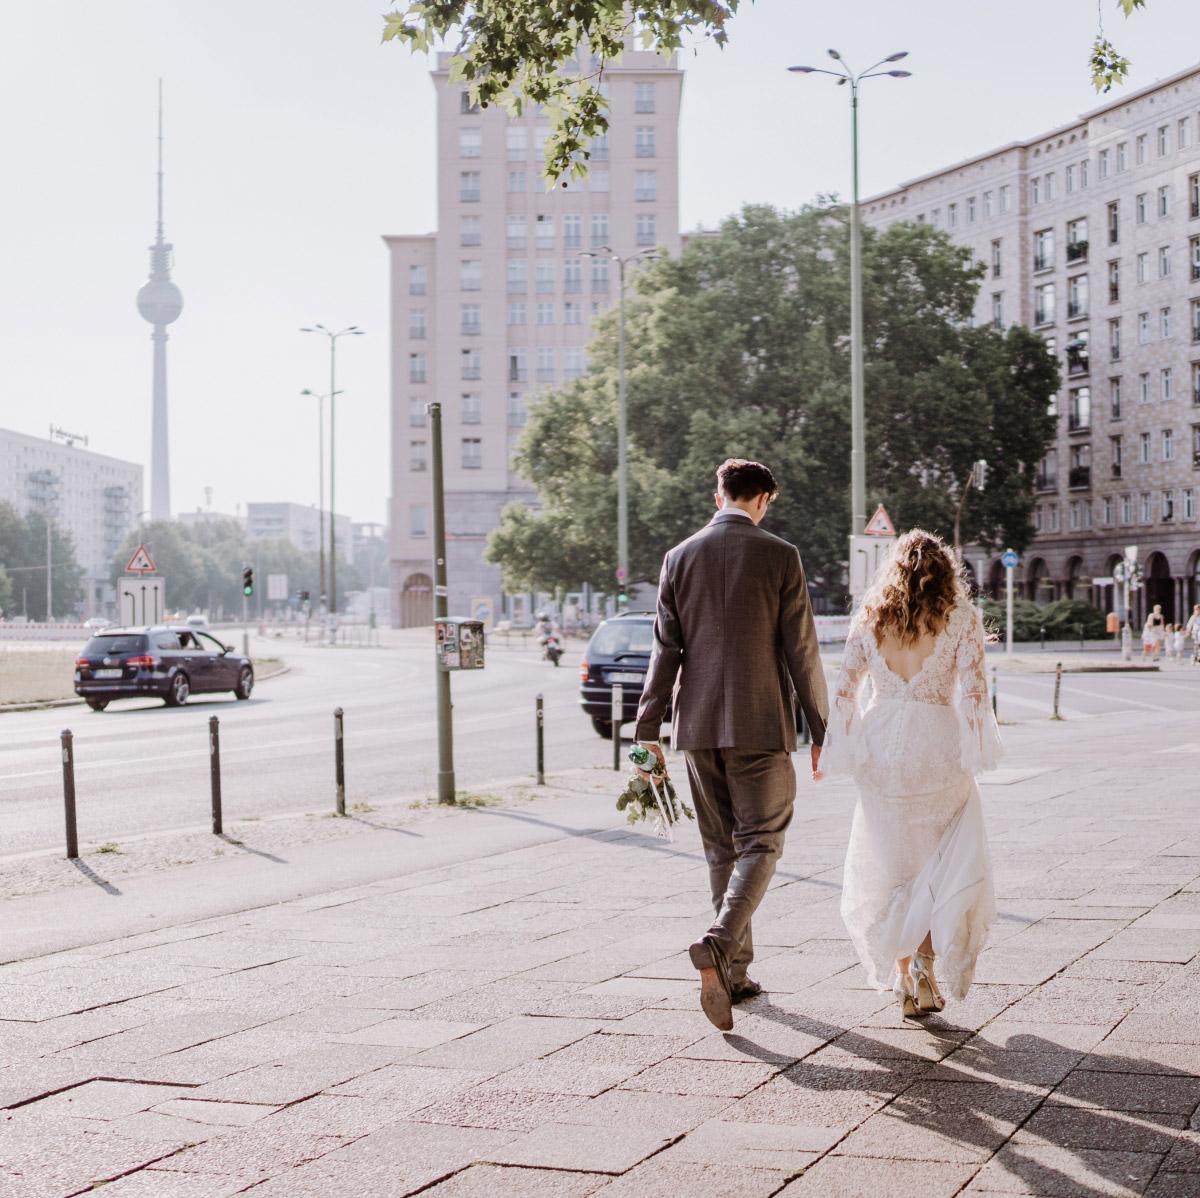 Berlin Hochzeit - Corona Hochzeit im Standesamt Berlin Gärten der Welt Chinesischer Garten - mehr im Blog von Hochzeitsfotografin Berlin © www.hochzeitslicht.de #hochzeitslicht